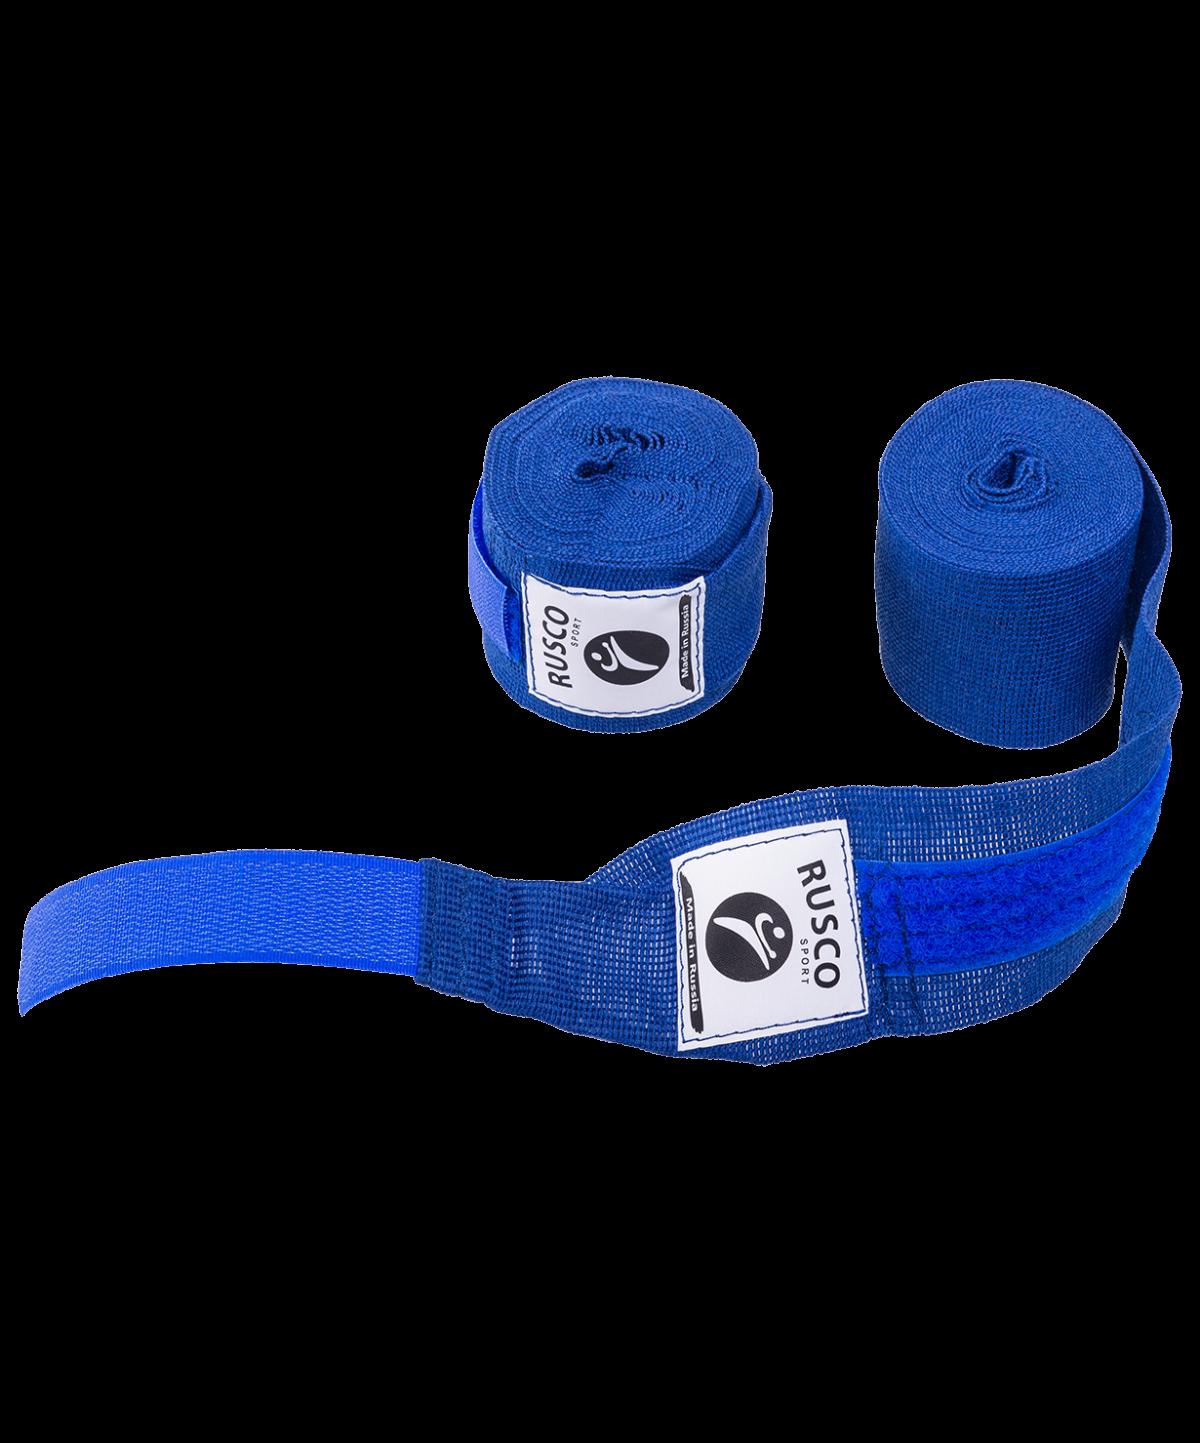 RUSCO Бинт боксерский, 2,5м, хлопок  126: синий - 1